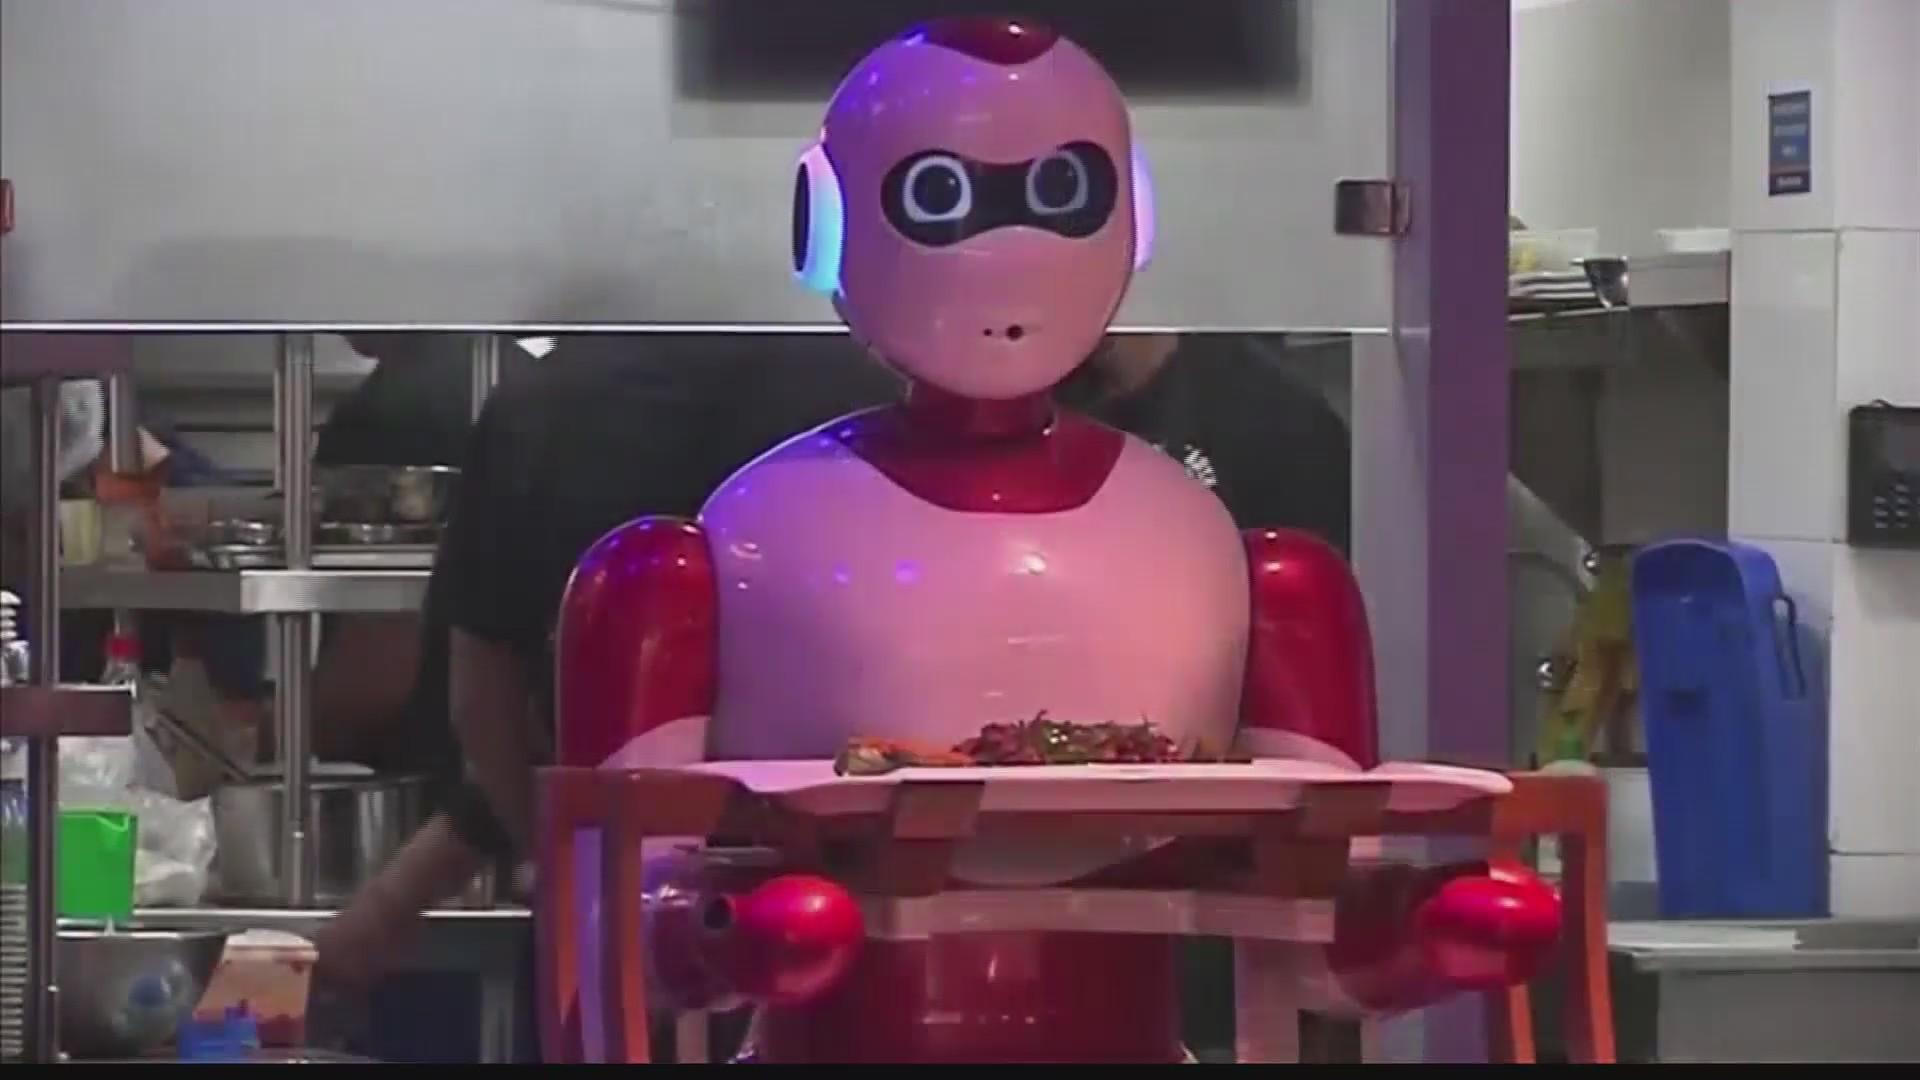 Robots_threatening_jobs_0_20190124230525